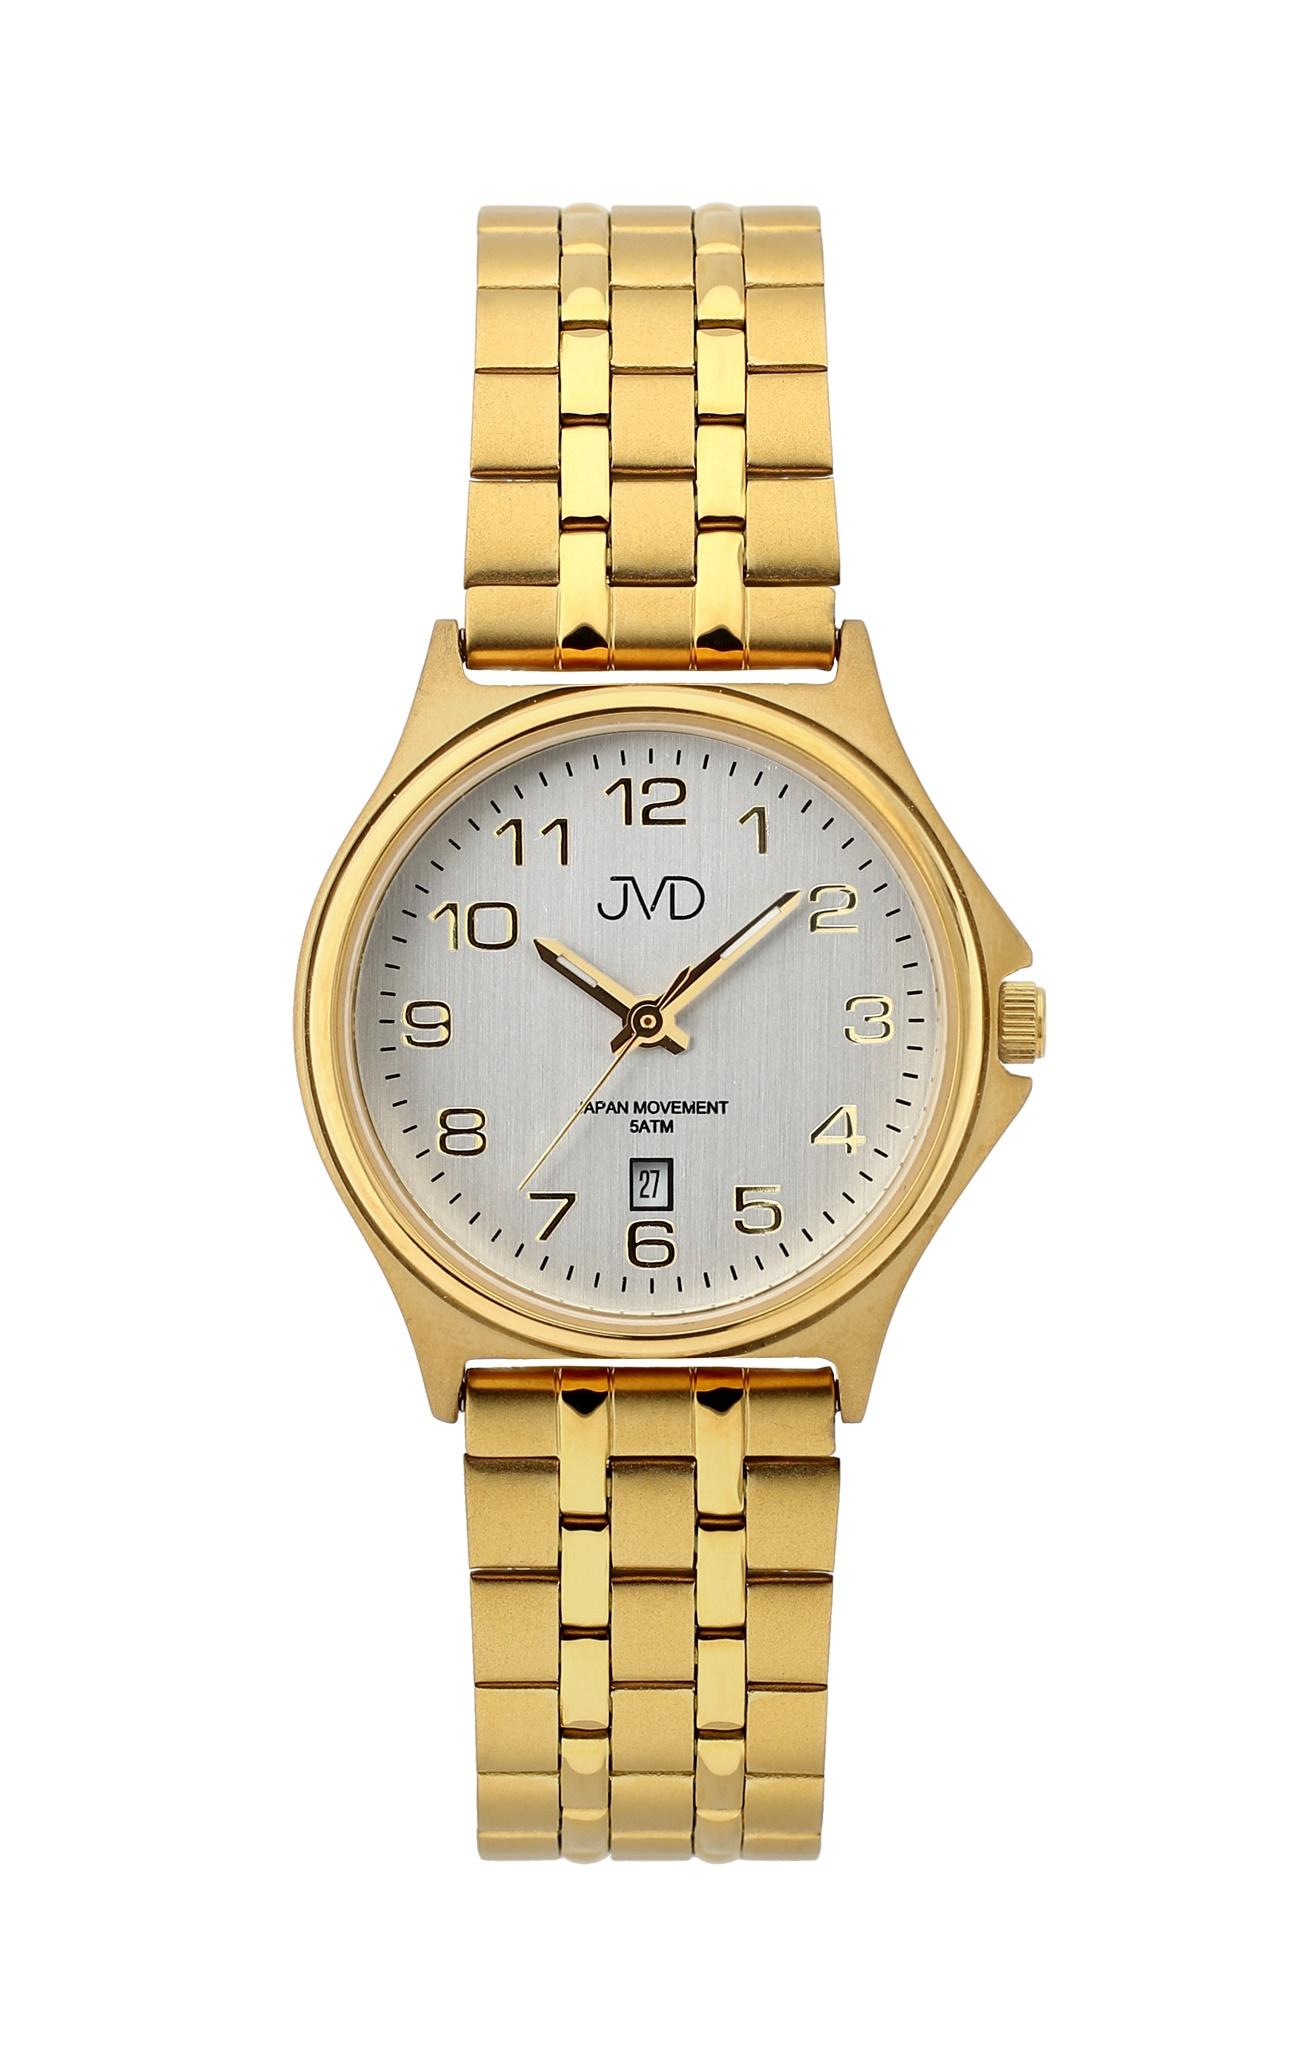 Dámské přehledné čitelné náramkové zlacené hodinky JVD J4151.2 - 5ATM (POŠTOVNÉ ZDARMA!!)